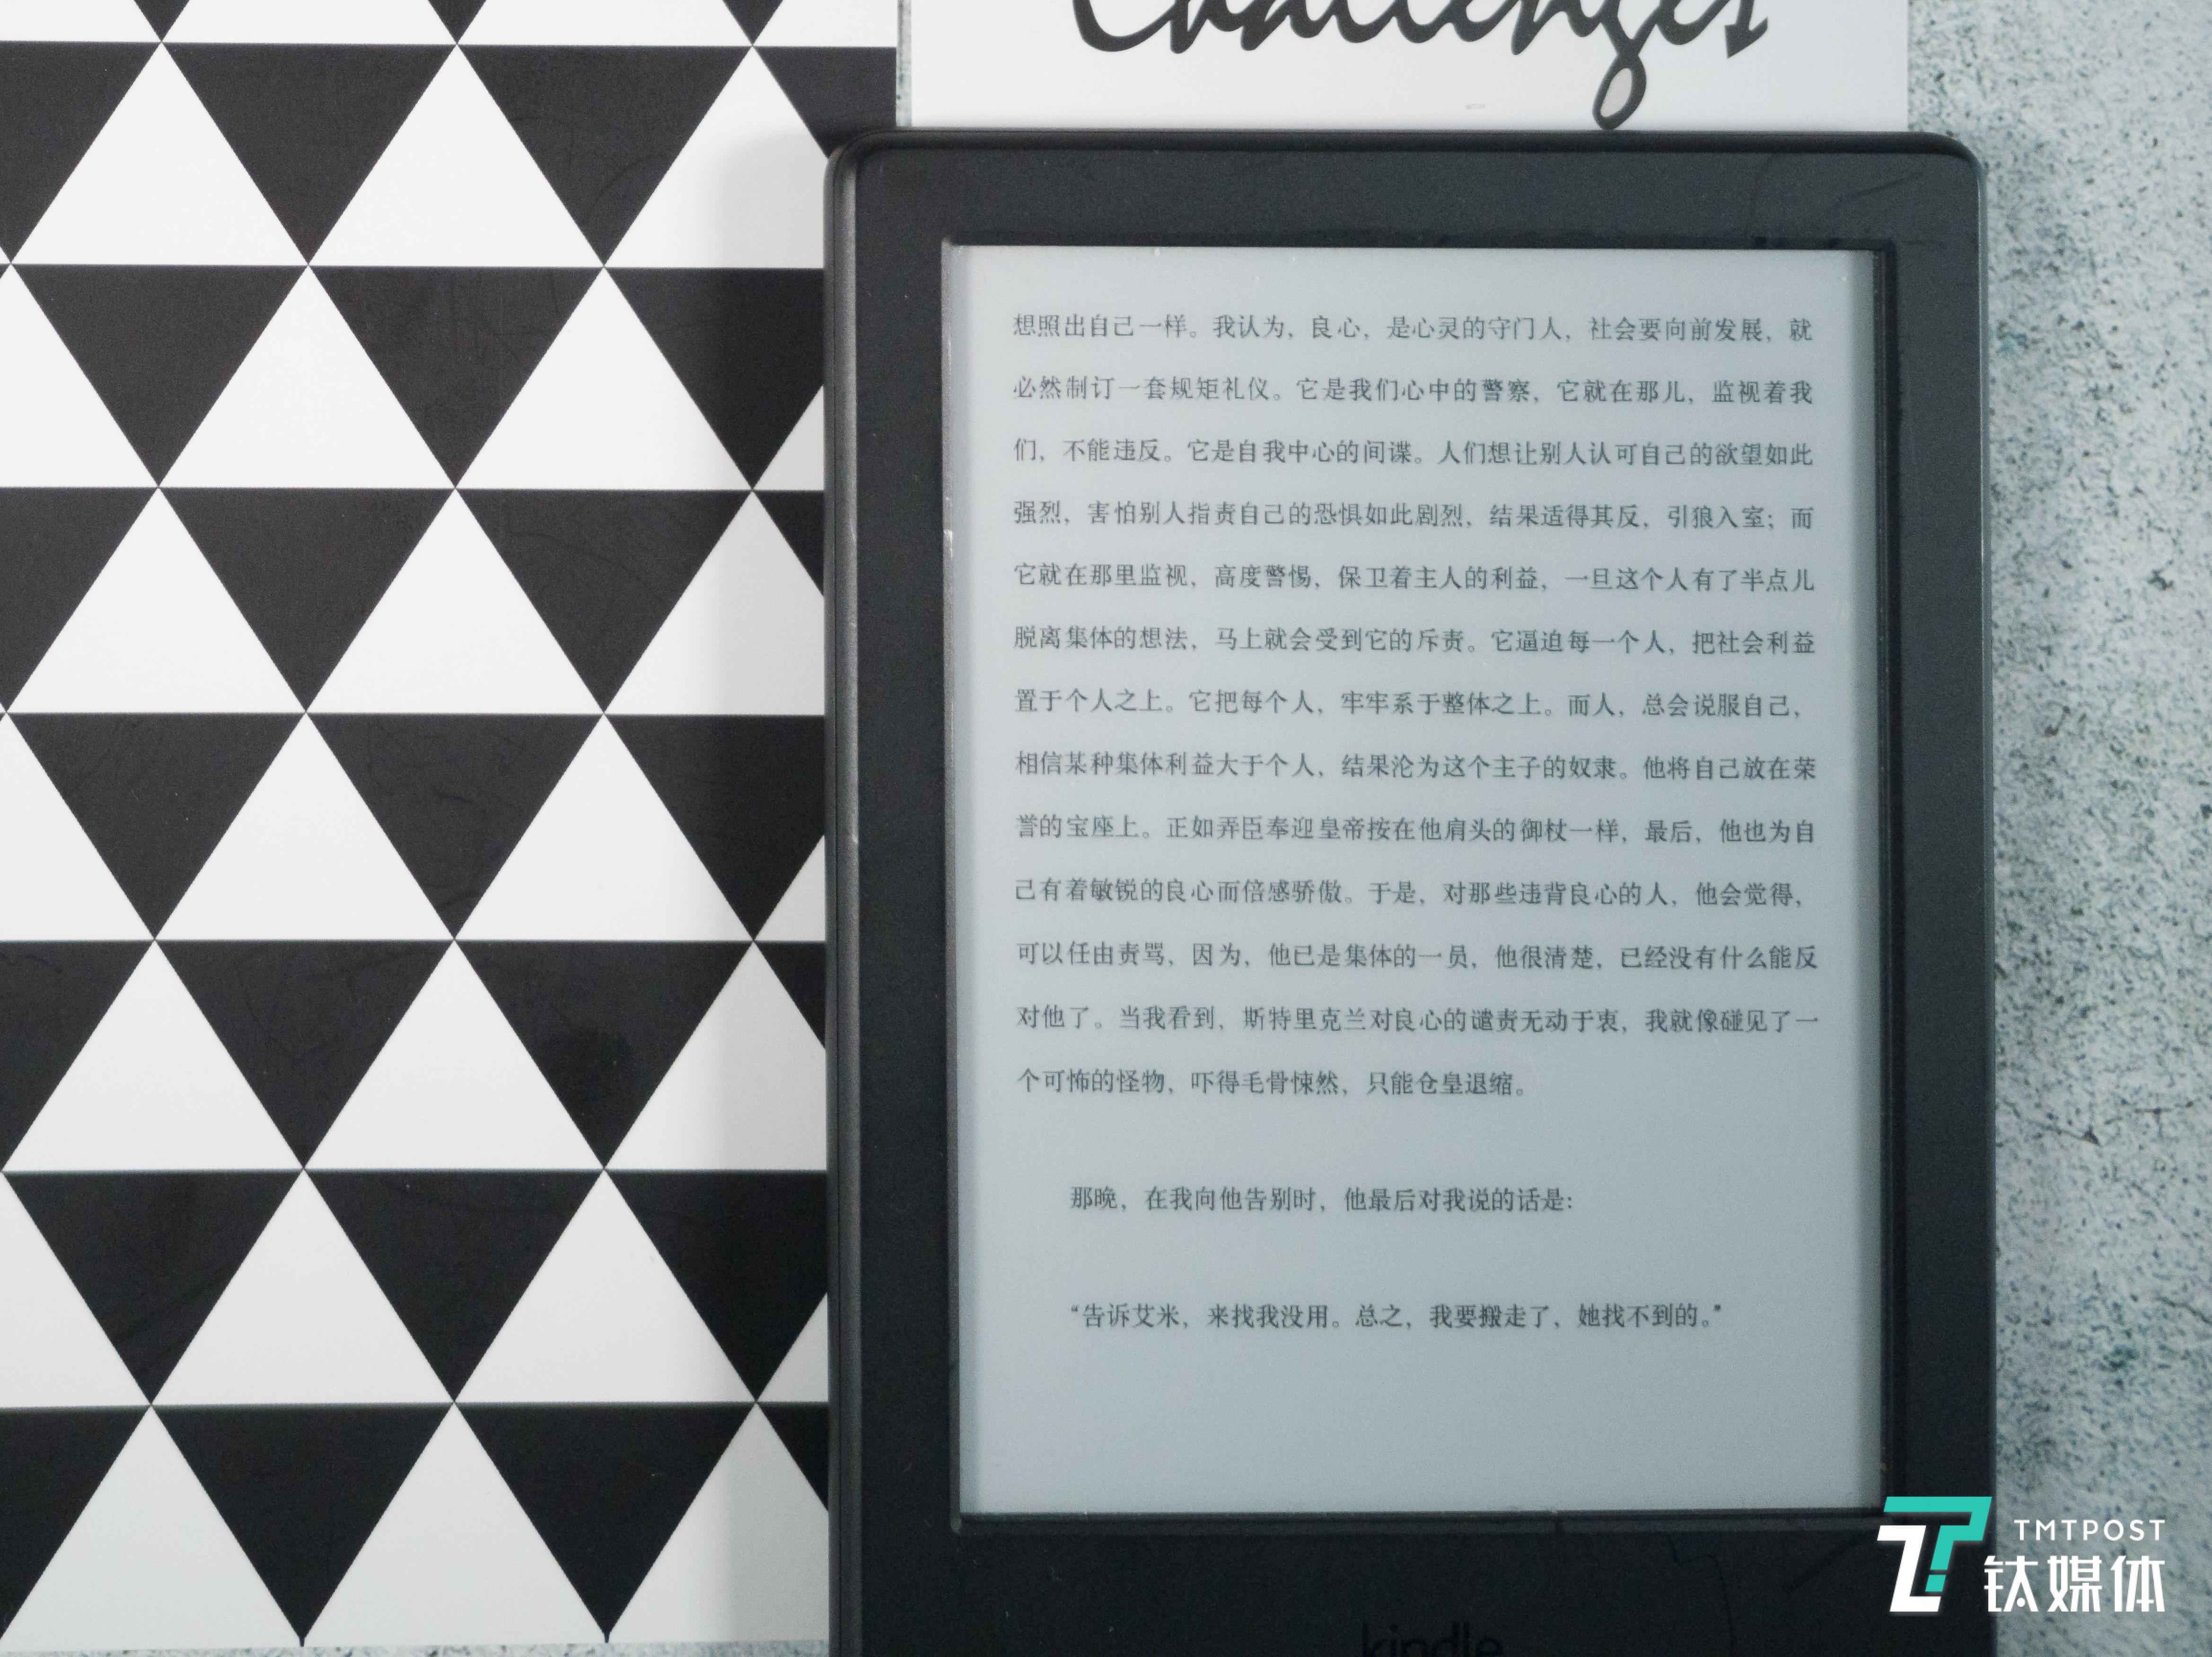 RAW放大之后,可以保留更多的细节,字体细节全部可见,这才是4800万像素的完全体